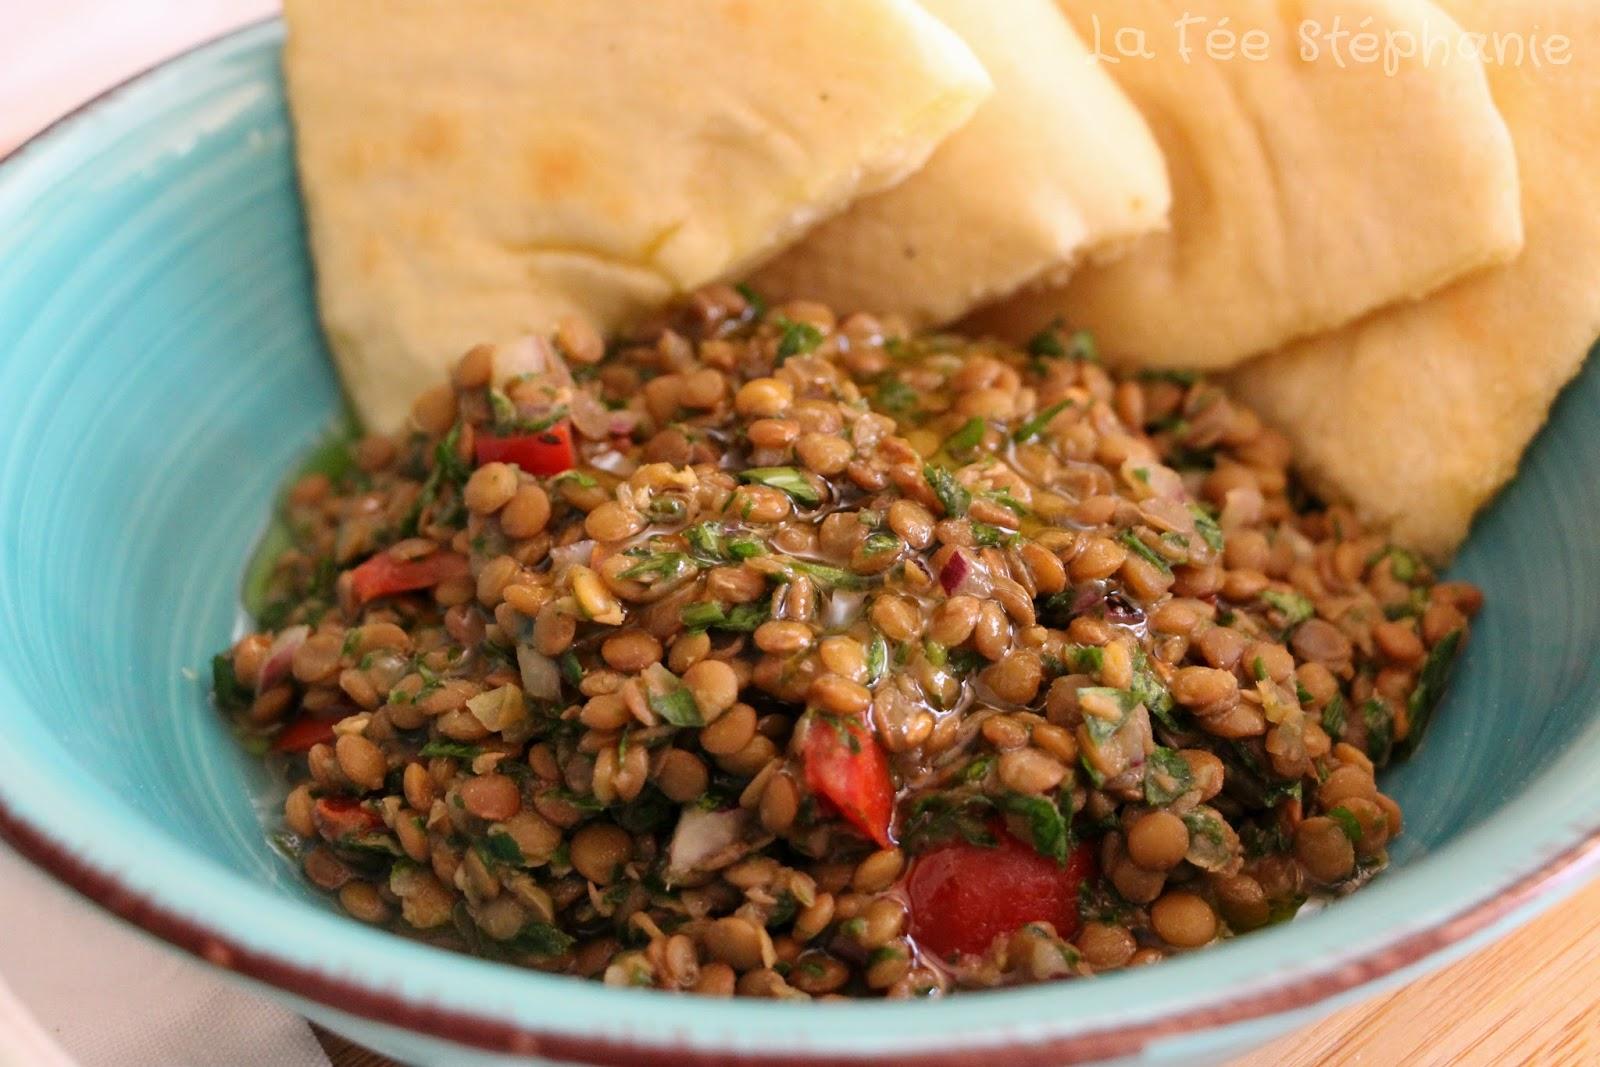 Taboul de lentilles et pain pita pain libanais fait - Recette comment cuisiner les lentilles ...